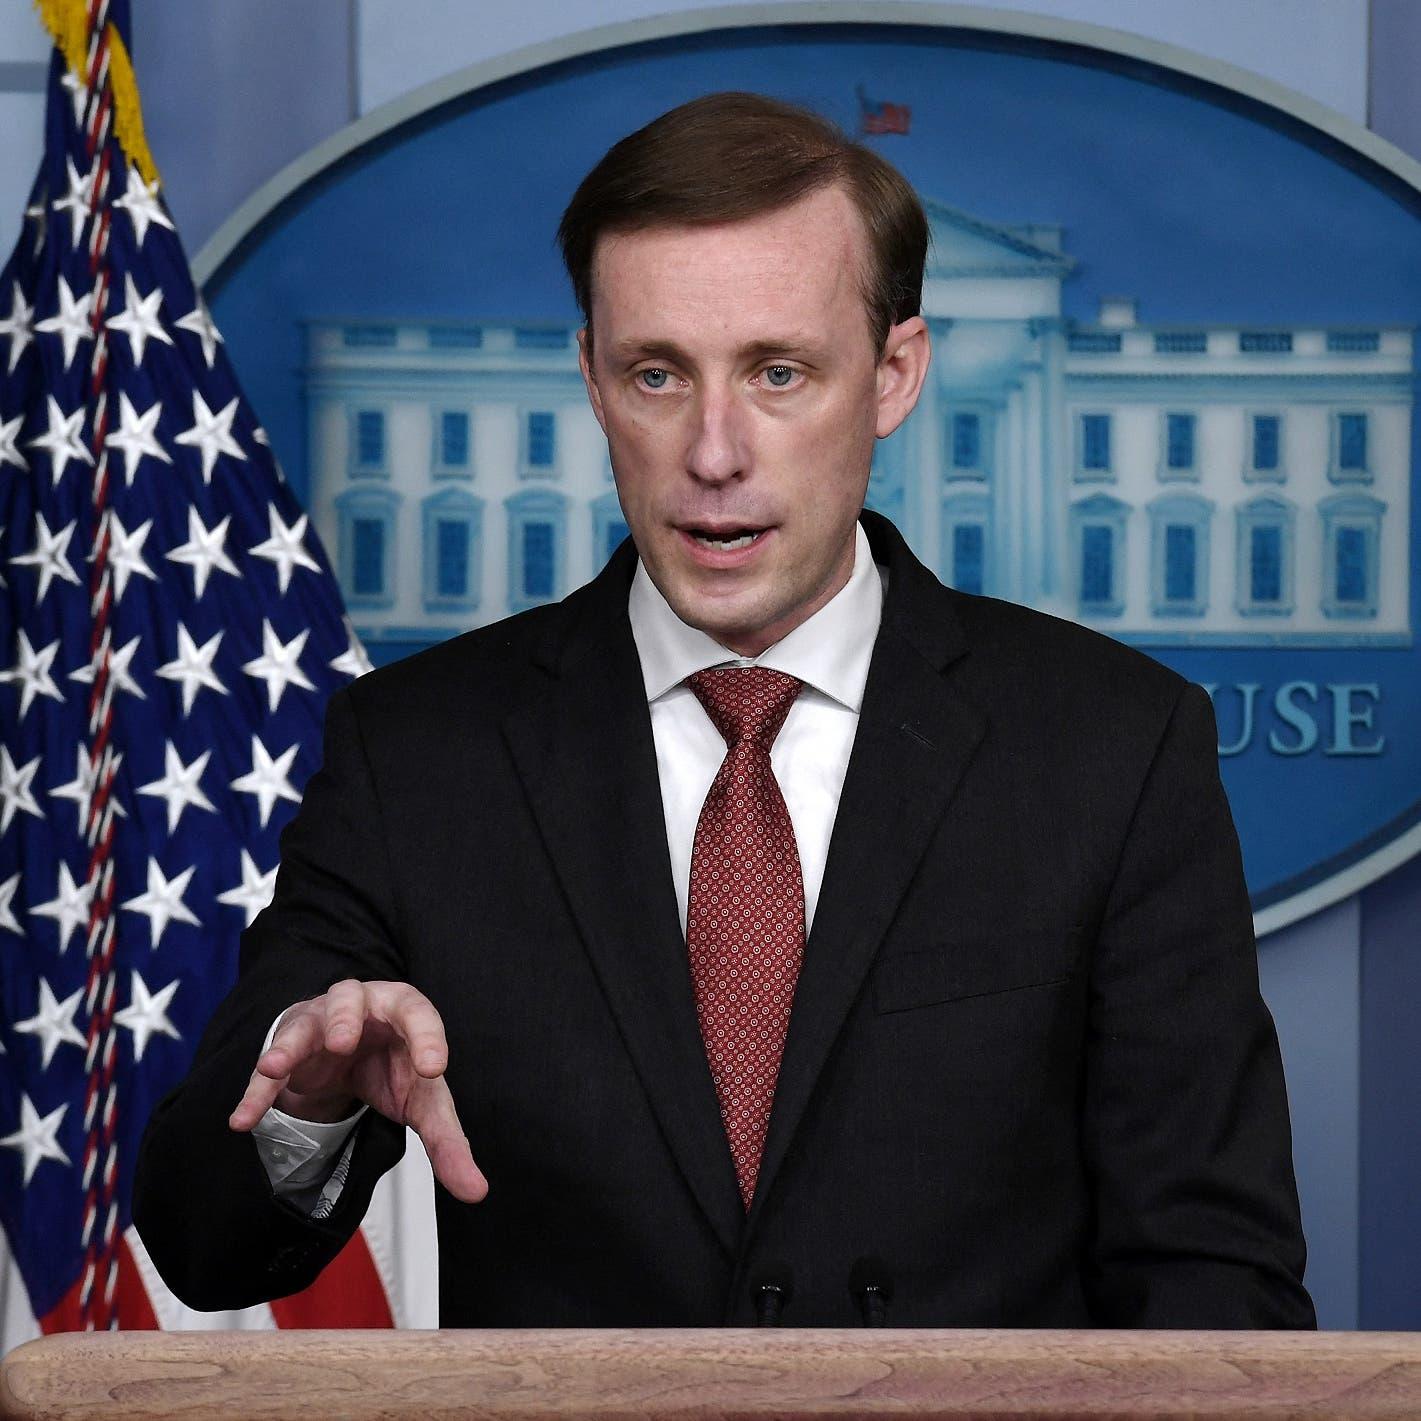 واشنطن: رفع العقوبات مرتبط بالتزام إيران بالاتفاق النووي